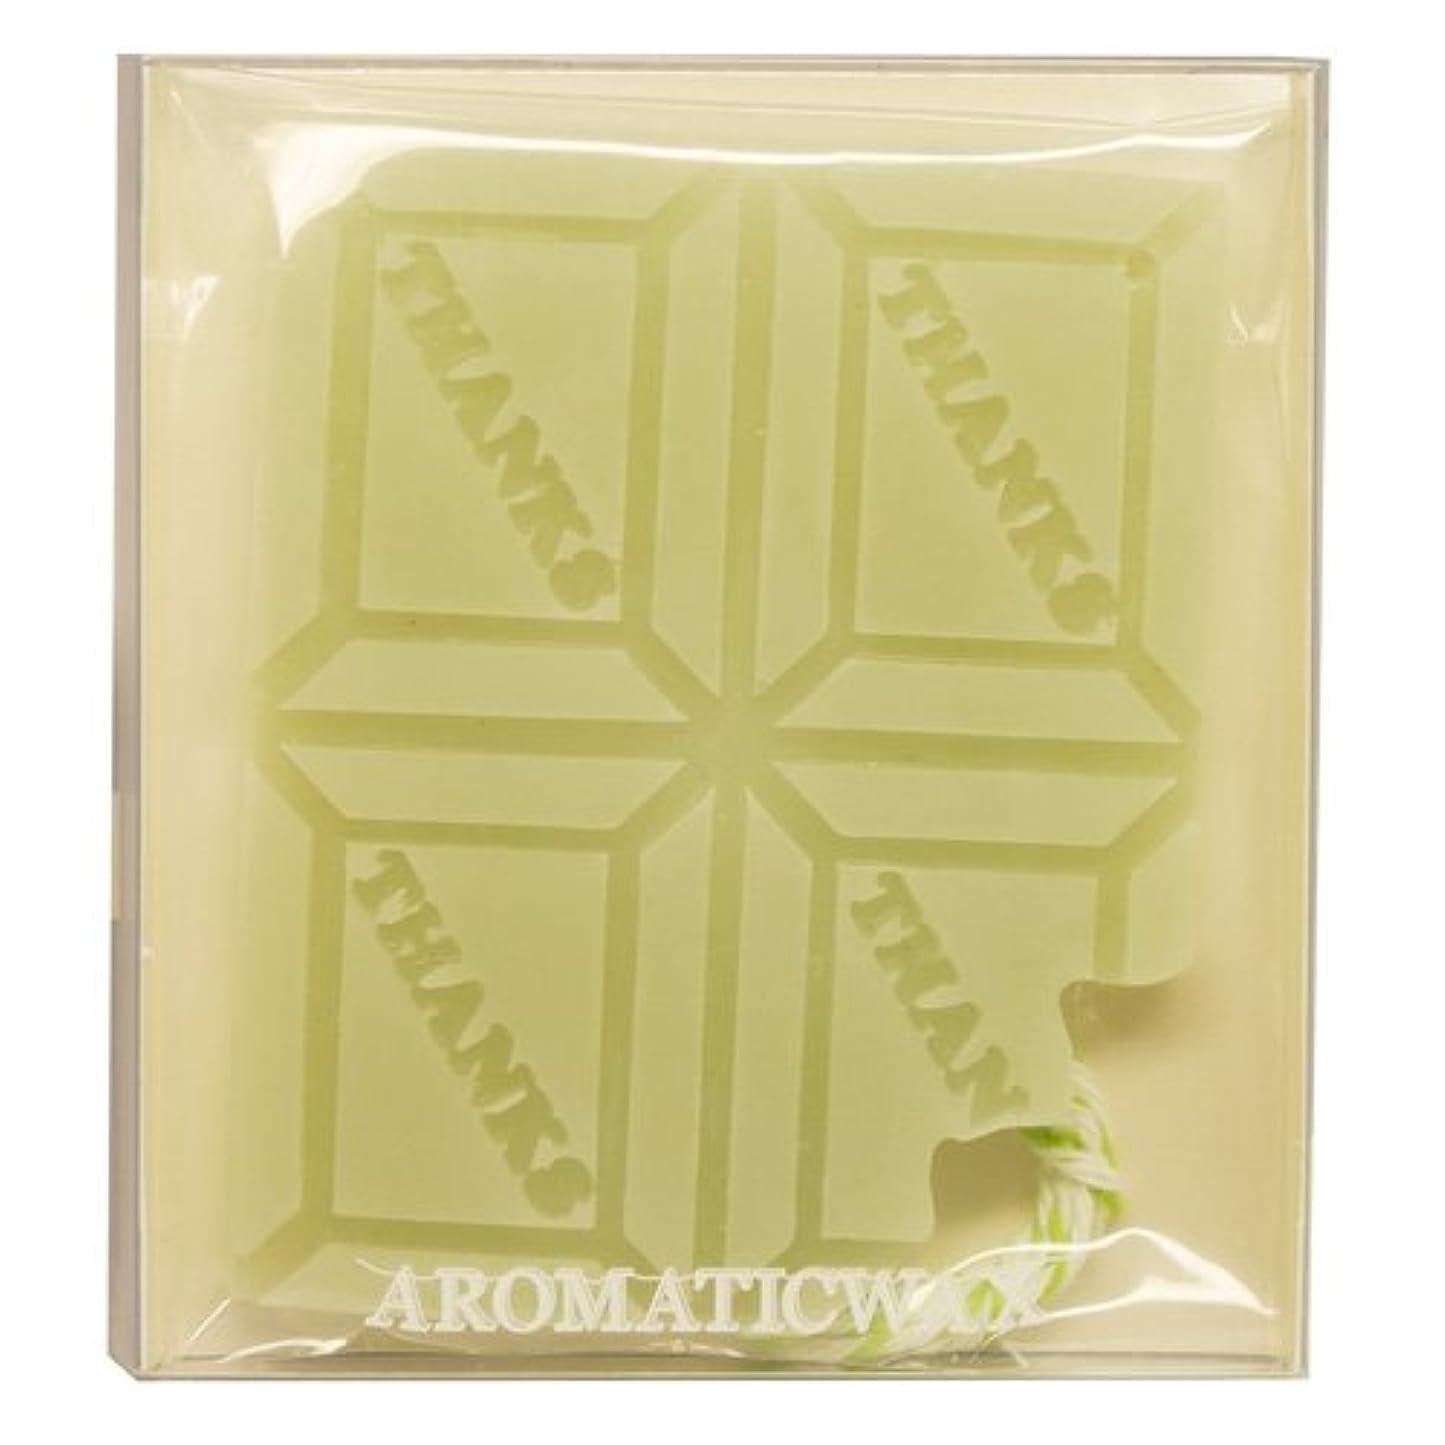 前任者プラスチックほぼGRASSE TOKYO AROMATICWAXチャーム「板チョコ(THANKS)」(GR) レモングラス アロマティックワックス グラーストウキョウ